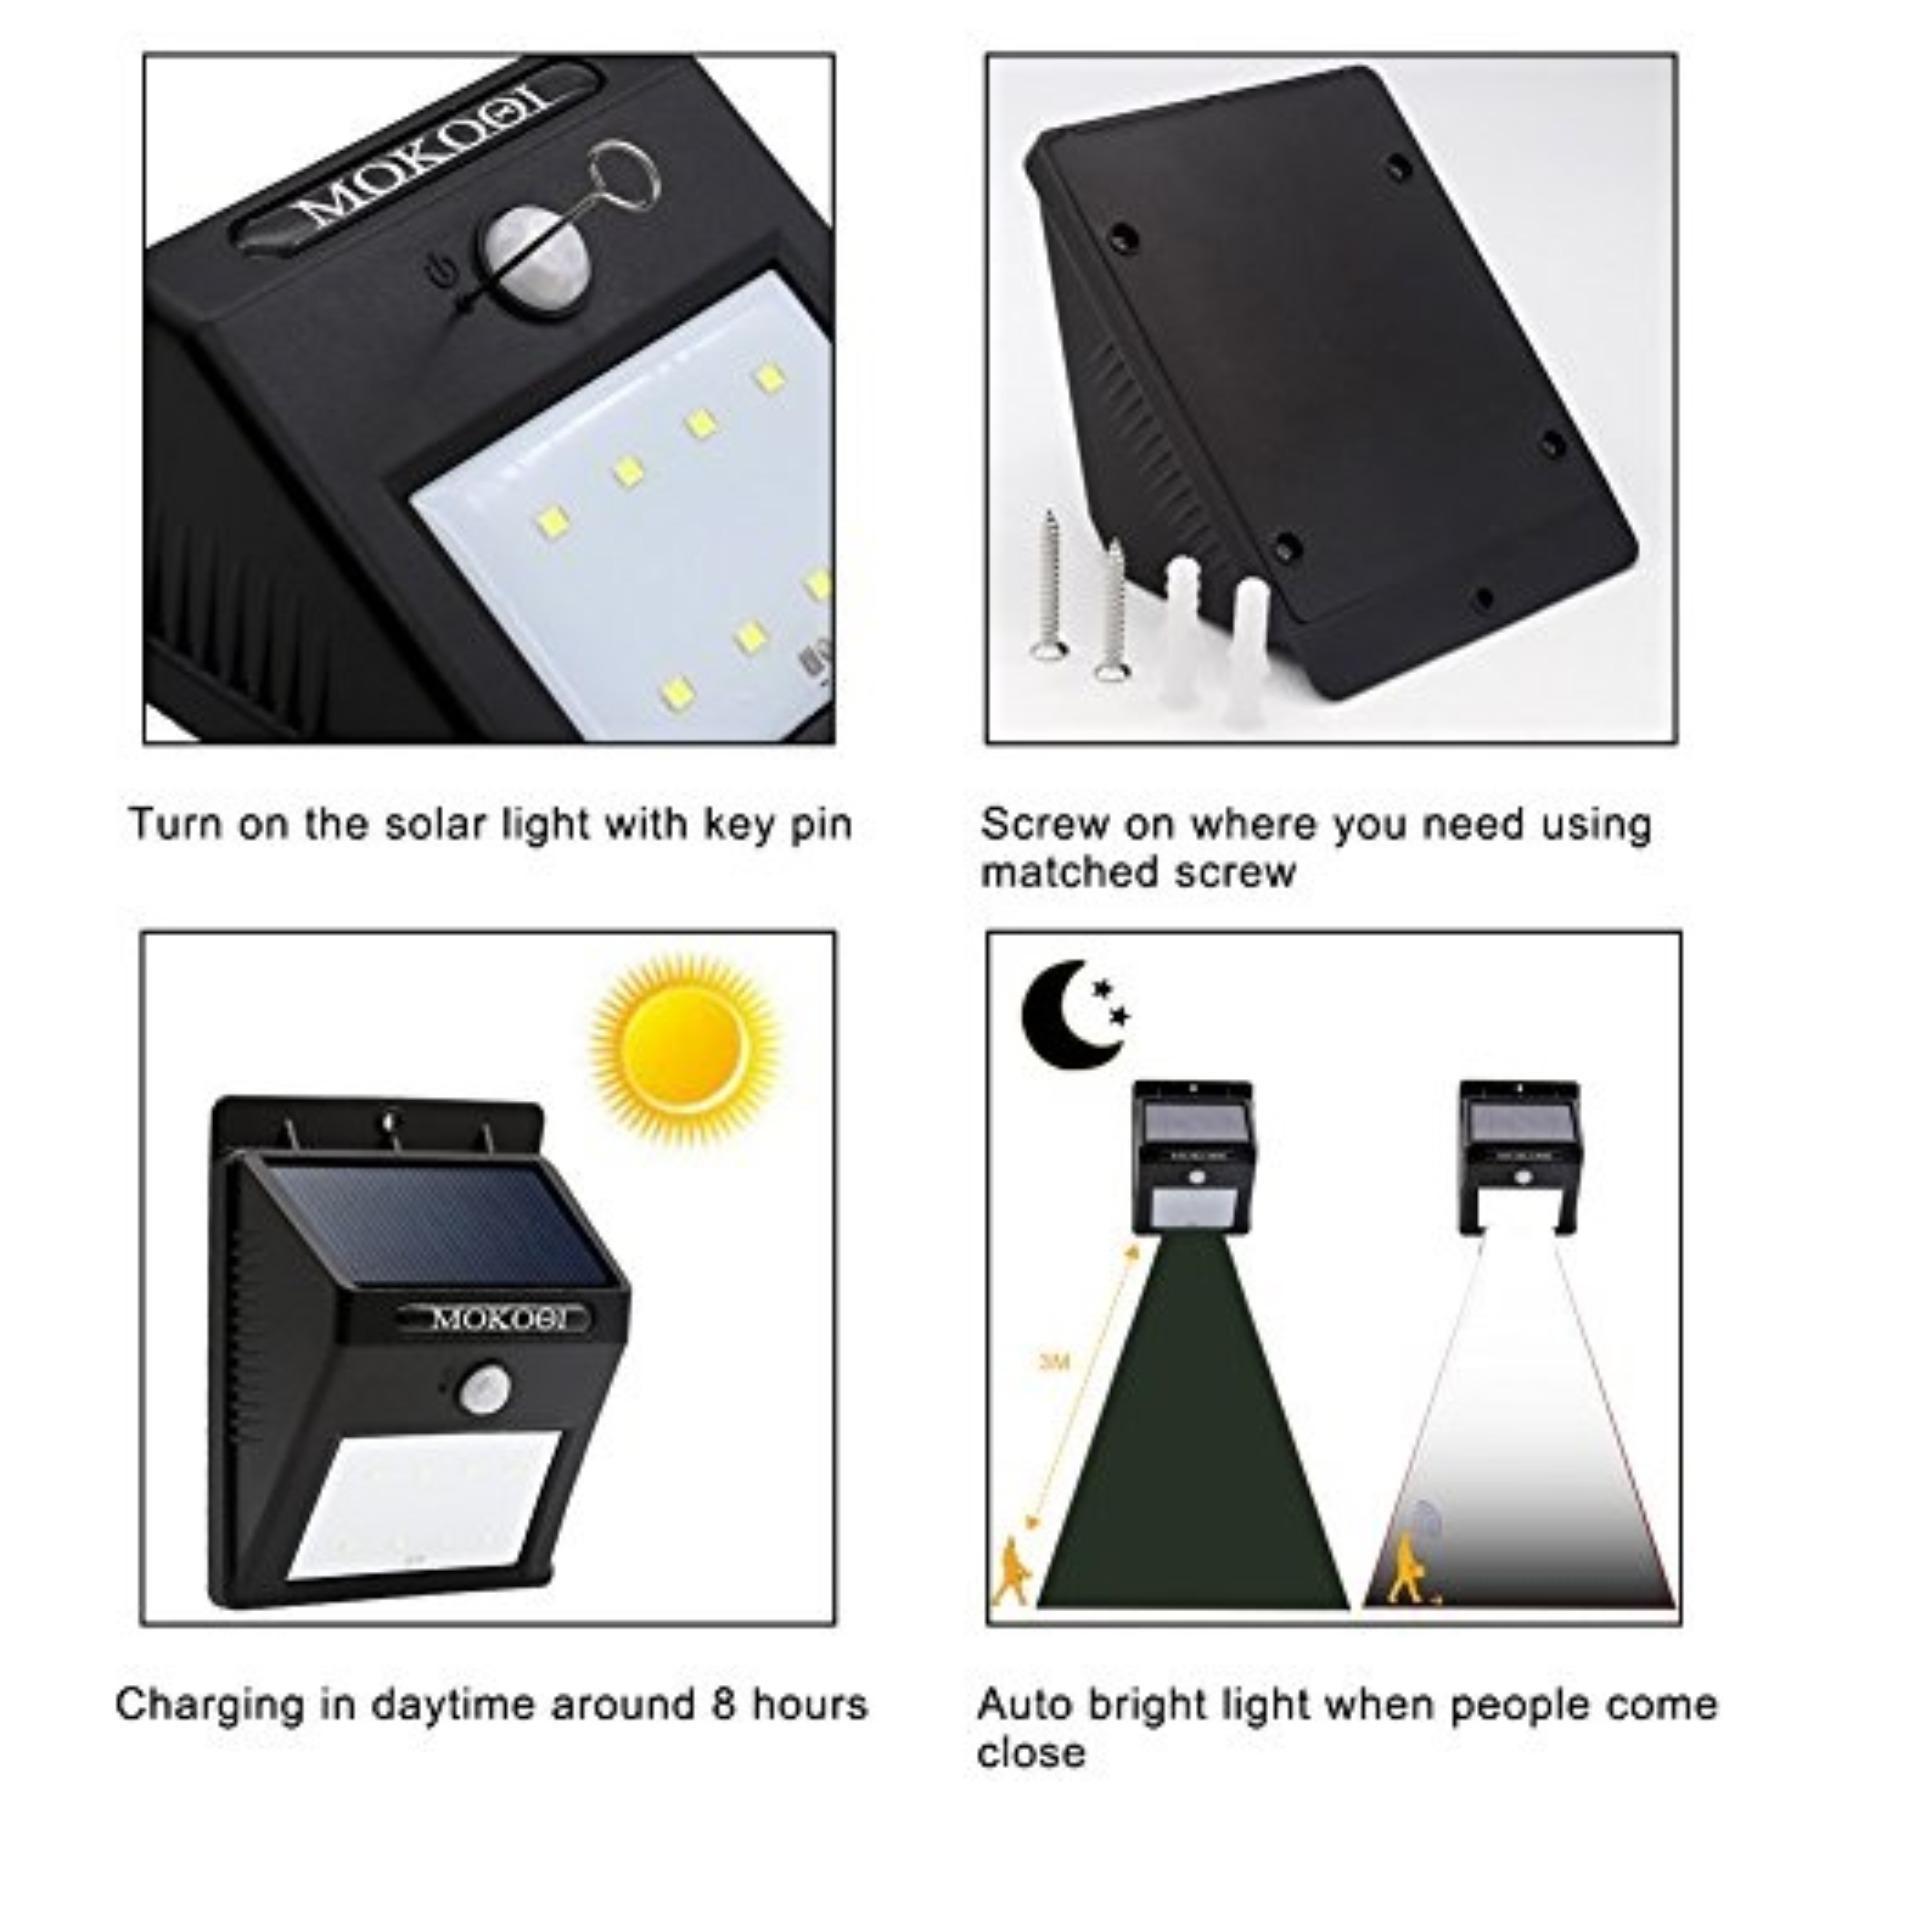 Đèn Năng Lượng, Sản Phẩm Thân Thiện Với Môi Trường, Sử Dụng 100% Năng Lượng Mặt Trời, Chất Lượng Uy Tín, Bh 1 Đổi 1 Bởi Phongphu Sg.